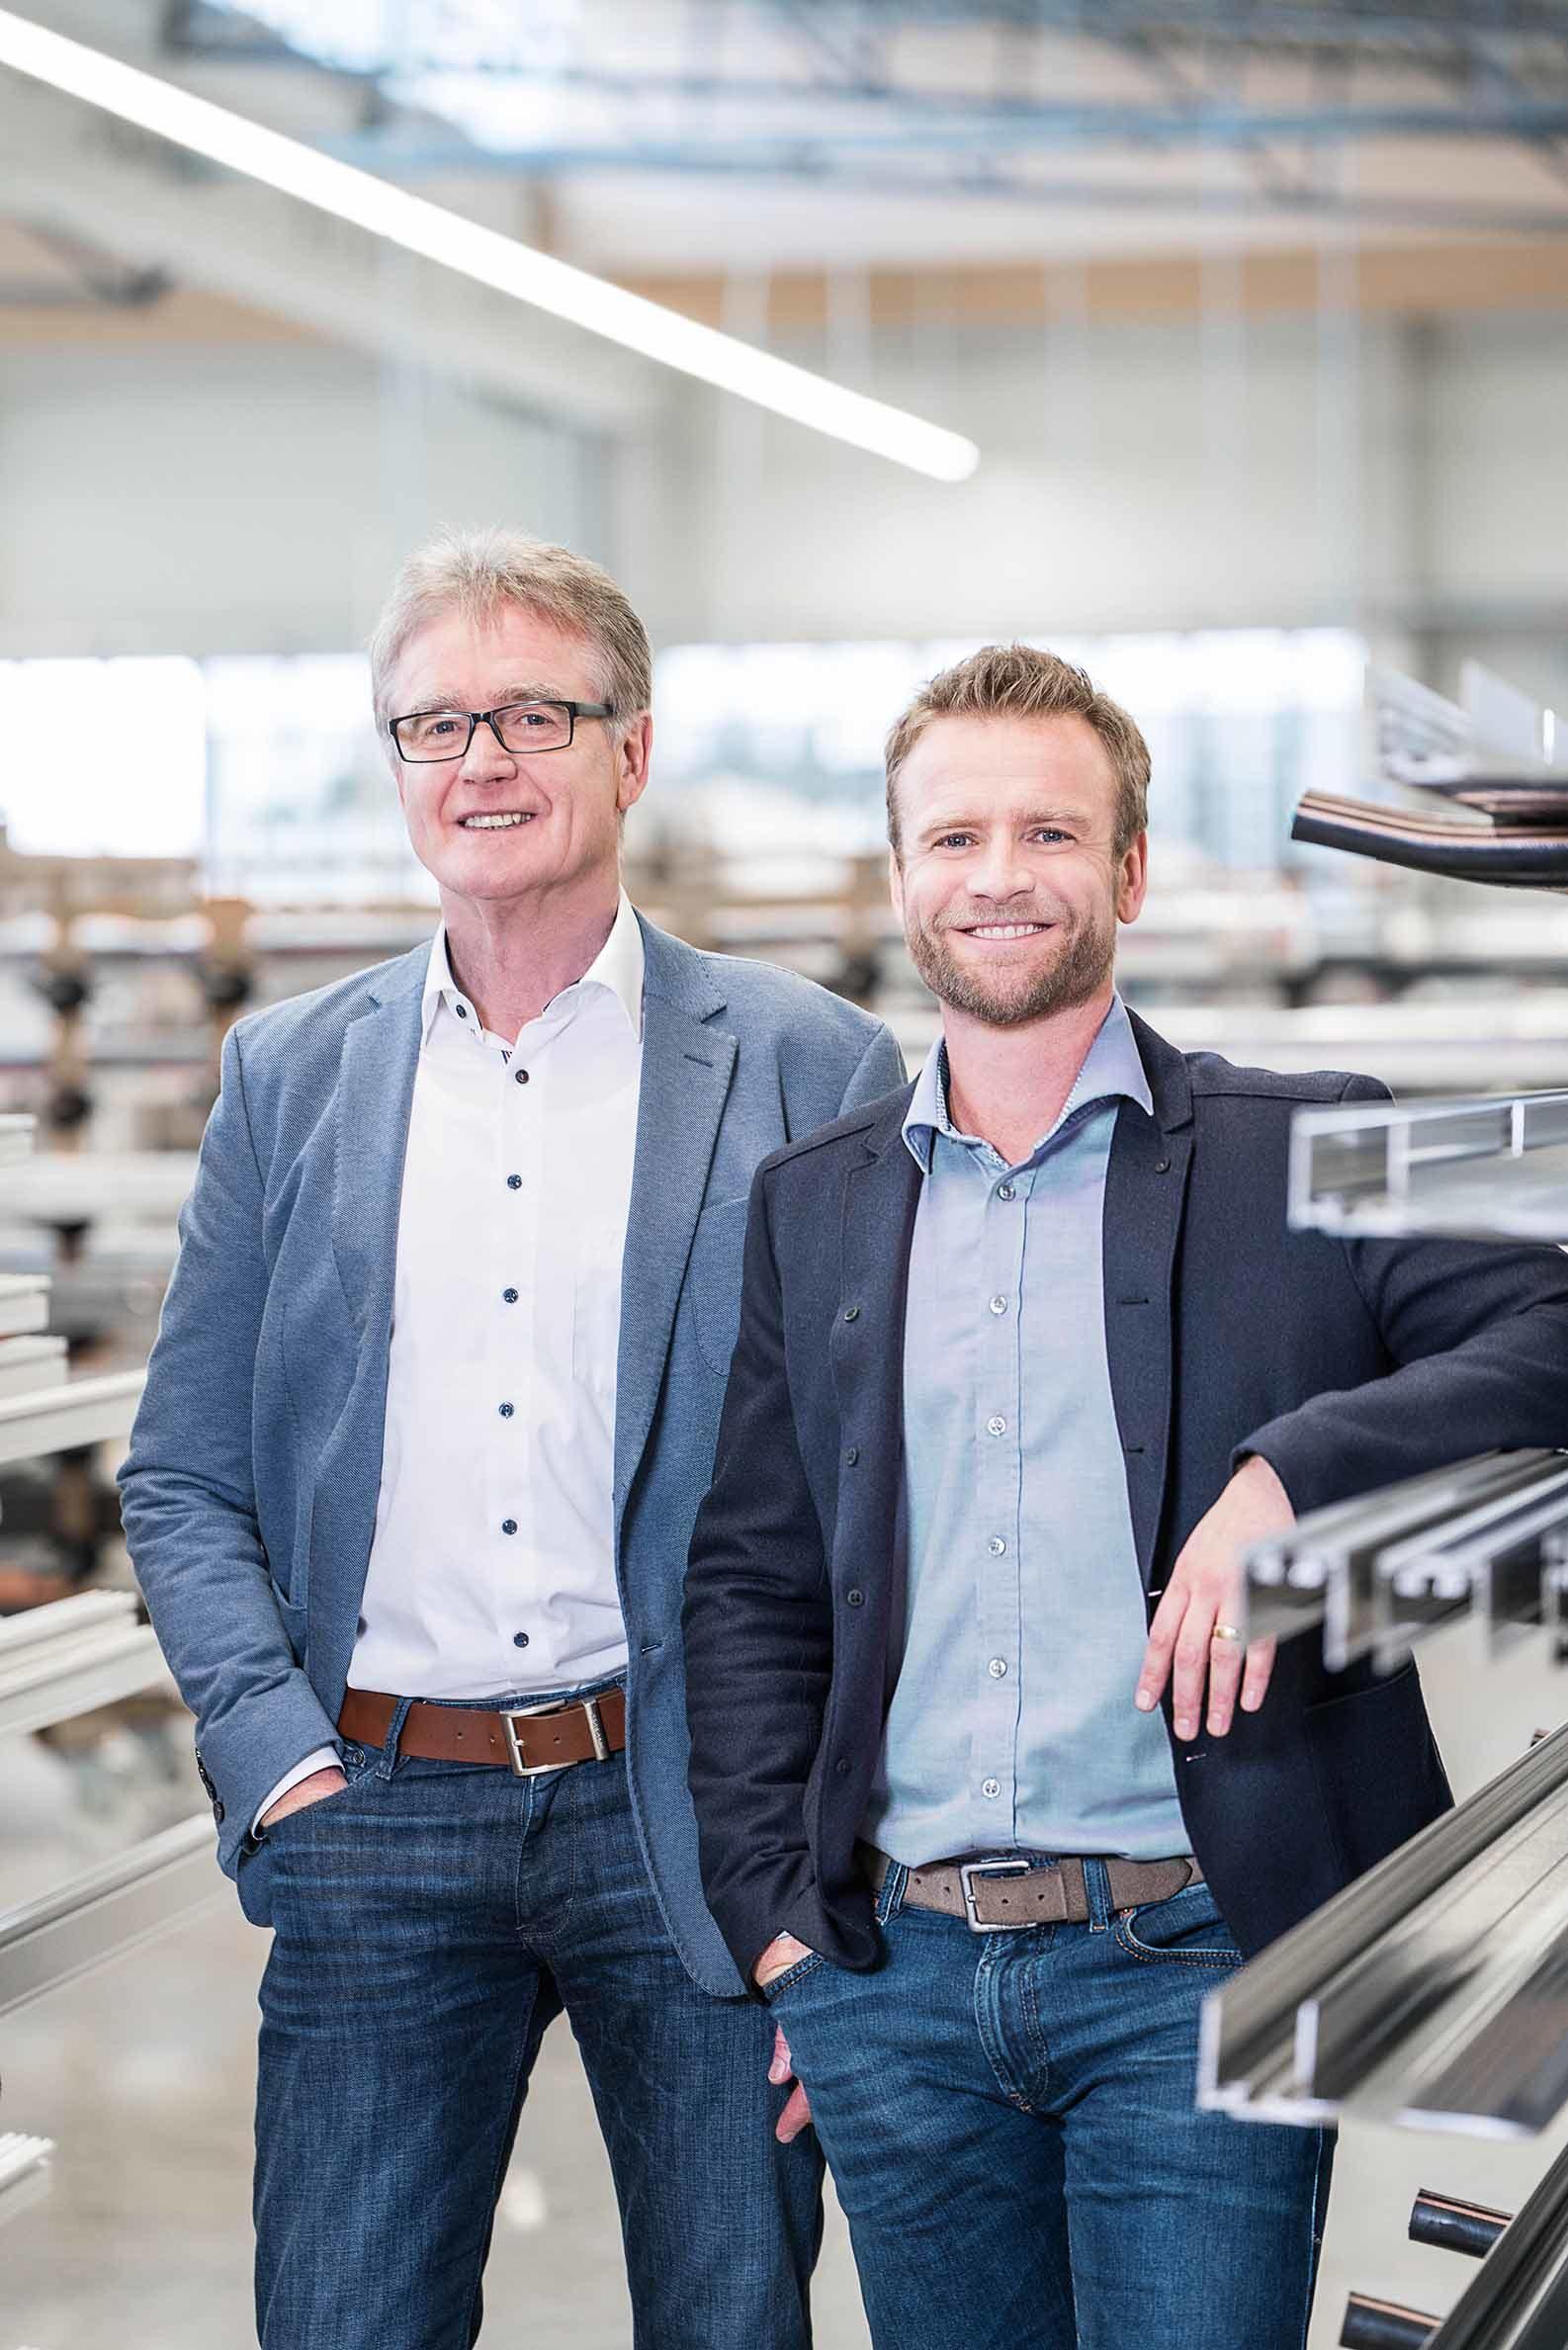 Links Herbert Holtgreife, rechts Stefan Holtgreife